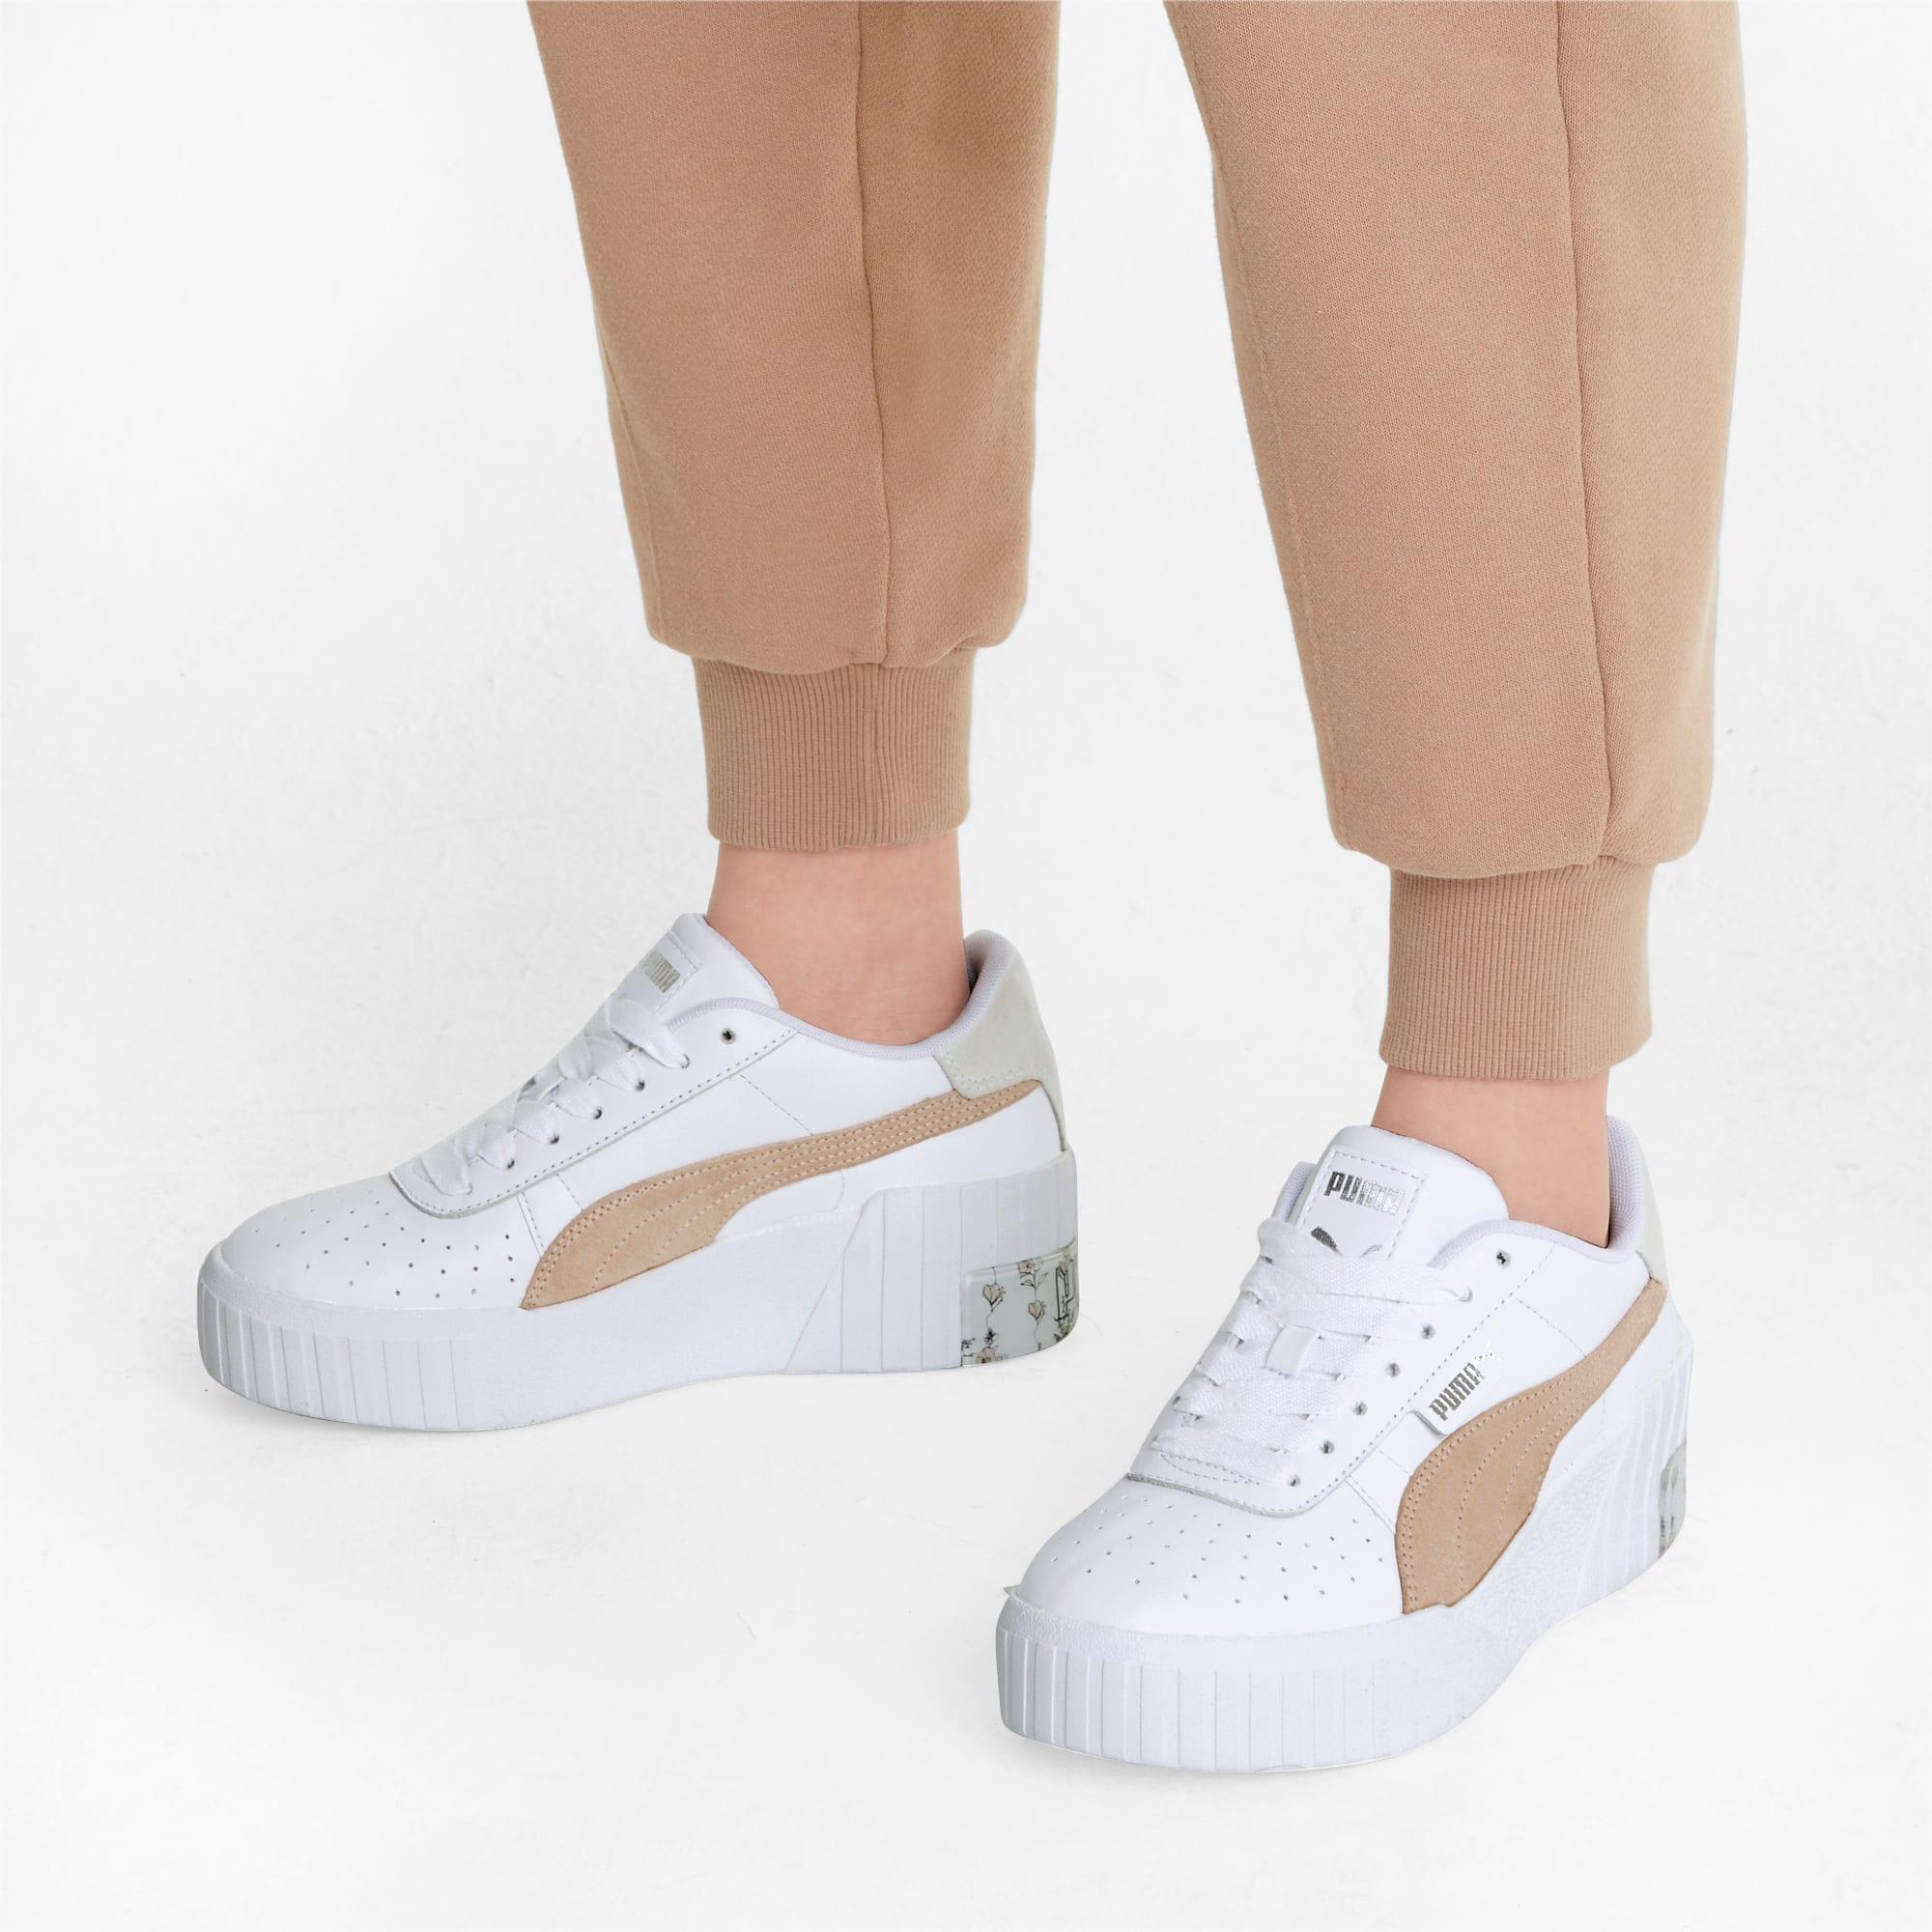 Cali Wedge In Bloom Women's Sneakers